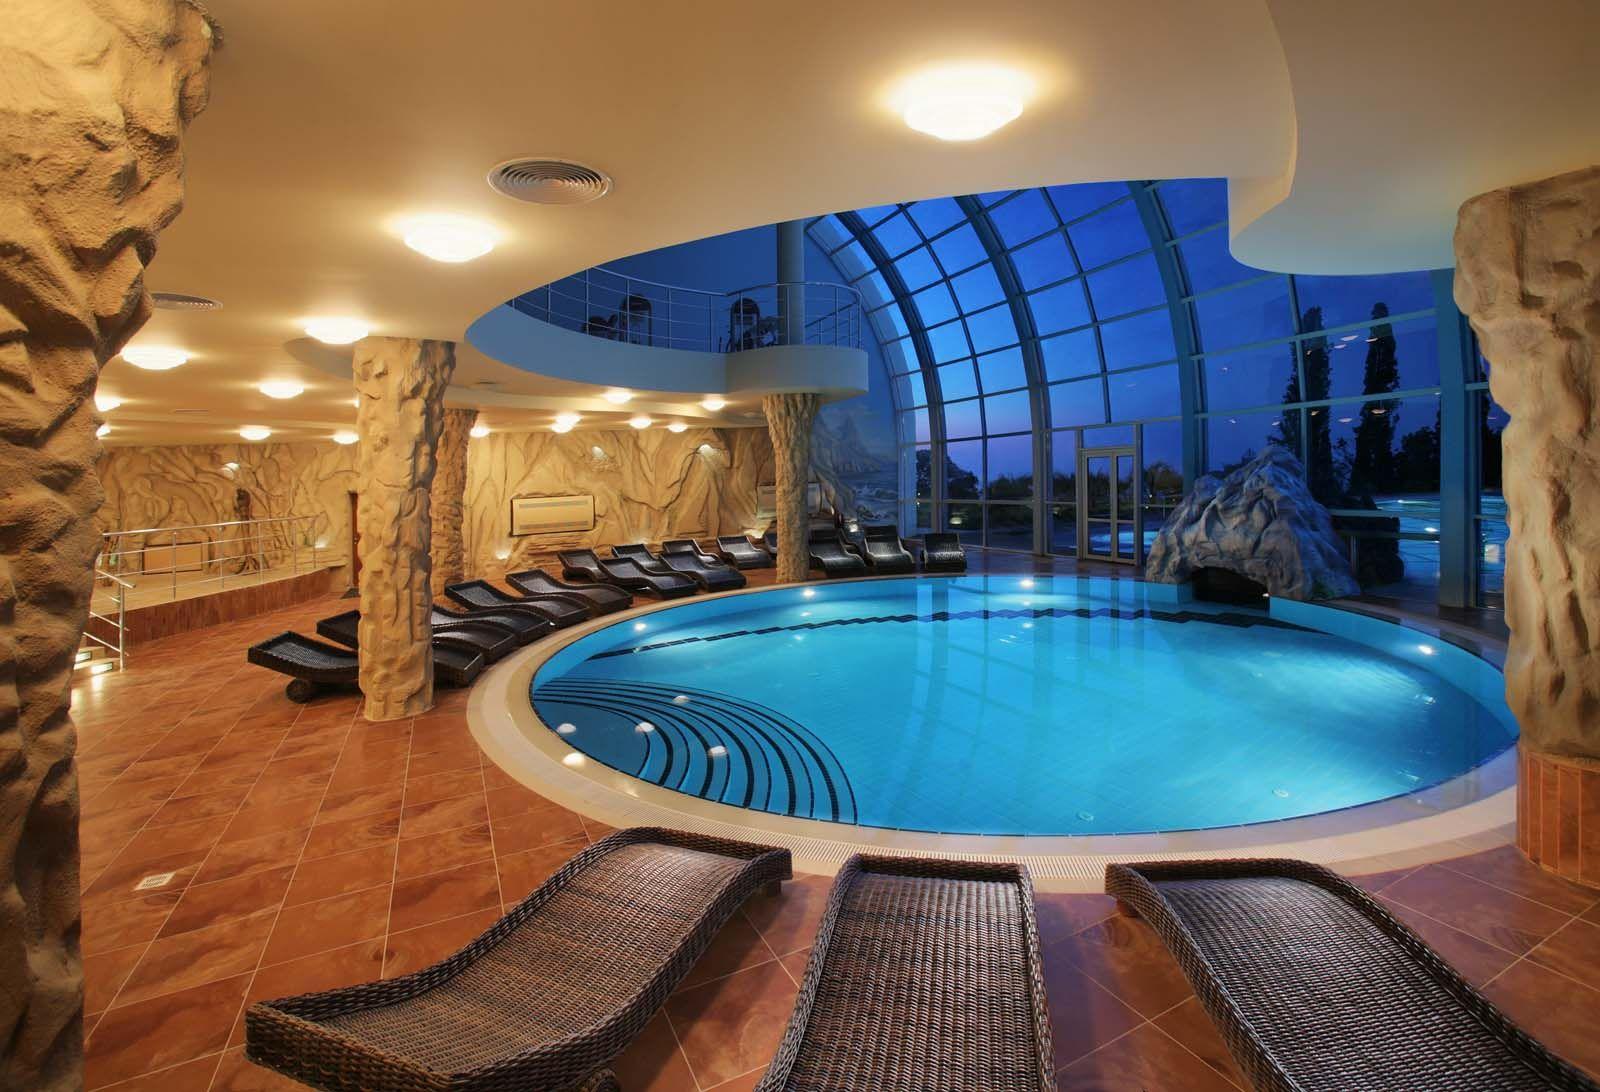 erkunde architektur huser mit pool und noch mehr - Hinterhof Mit Pooldesignideen